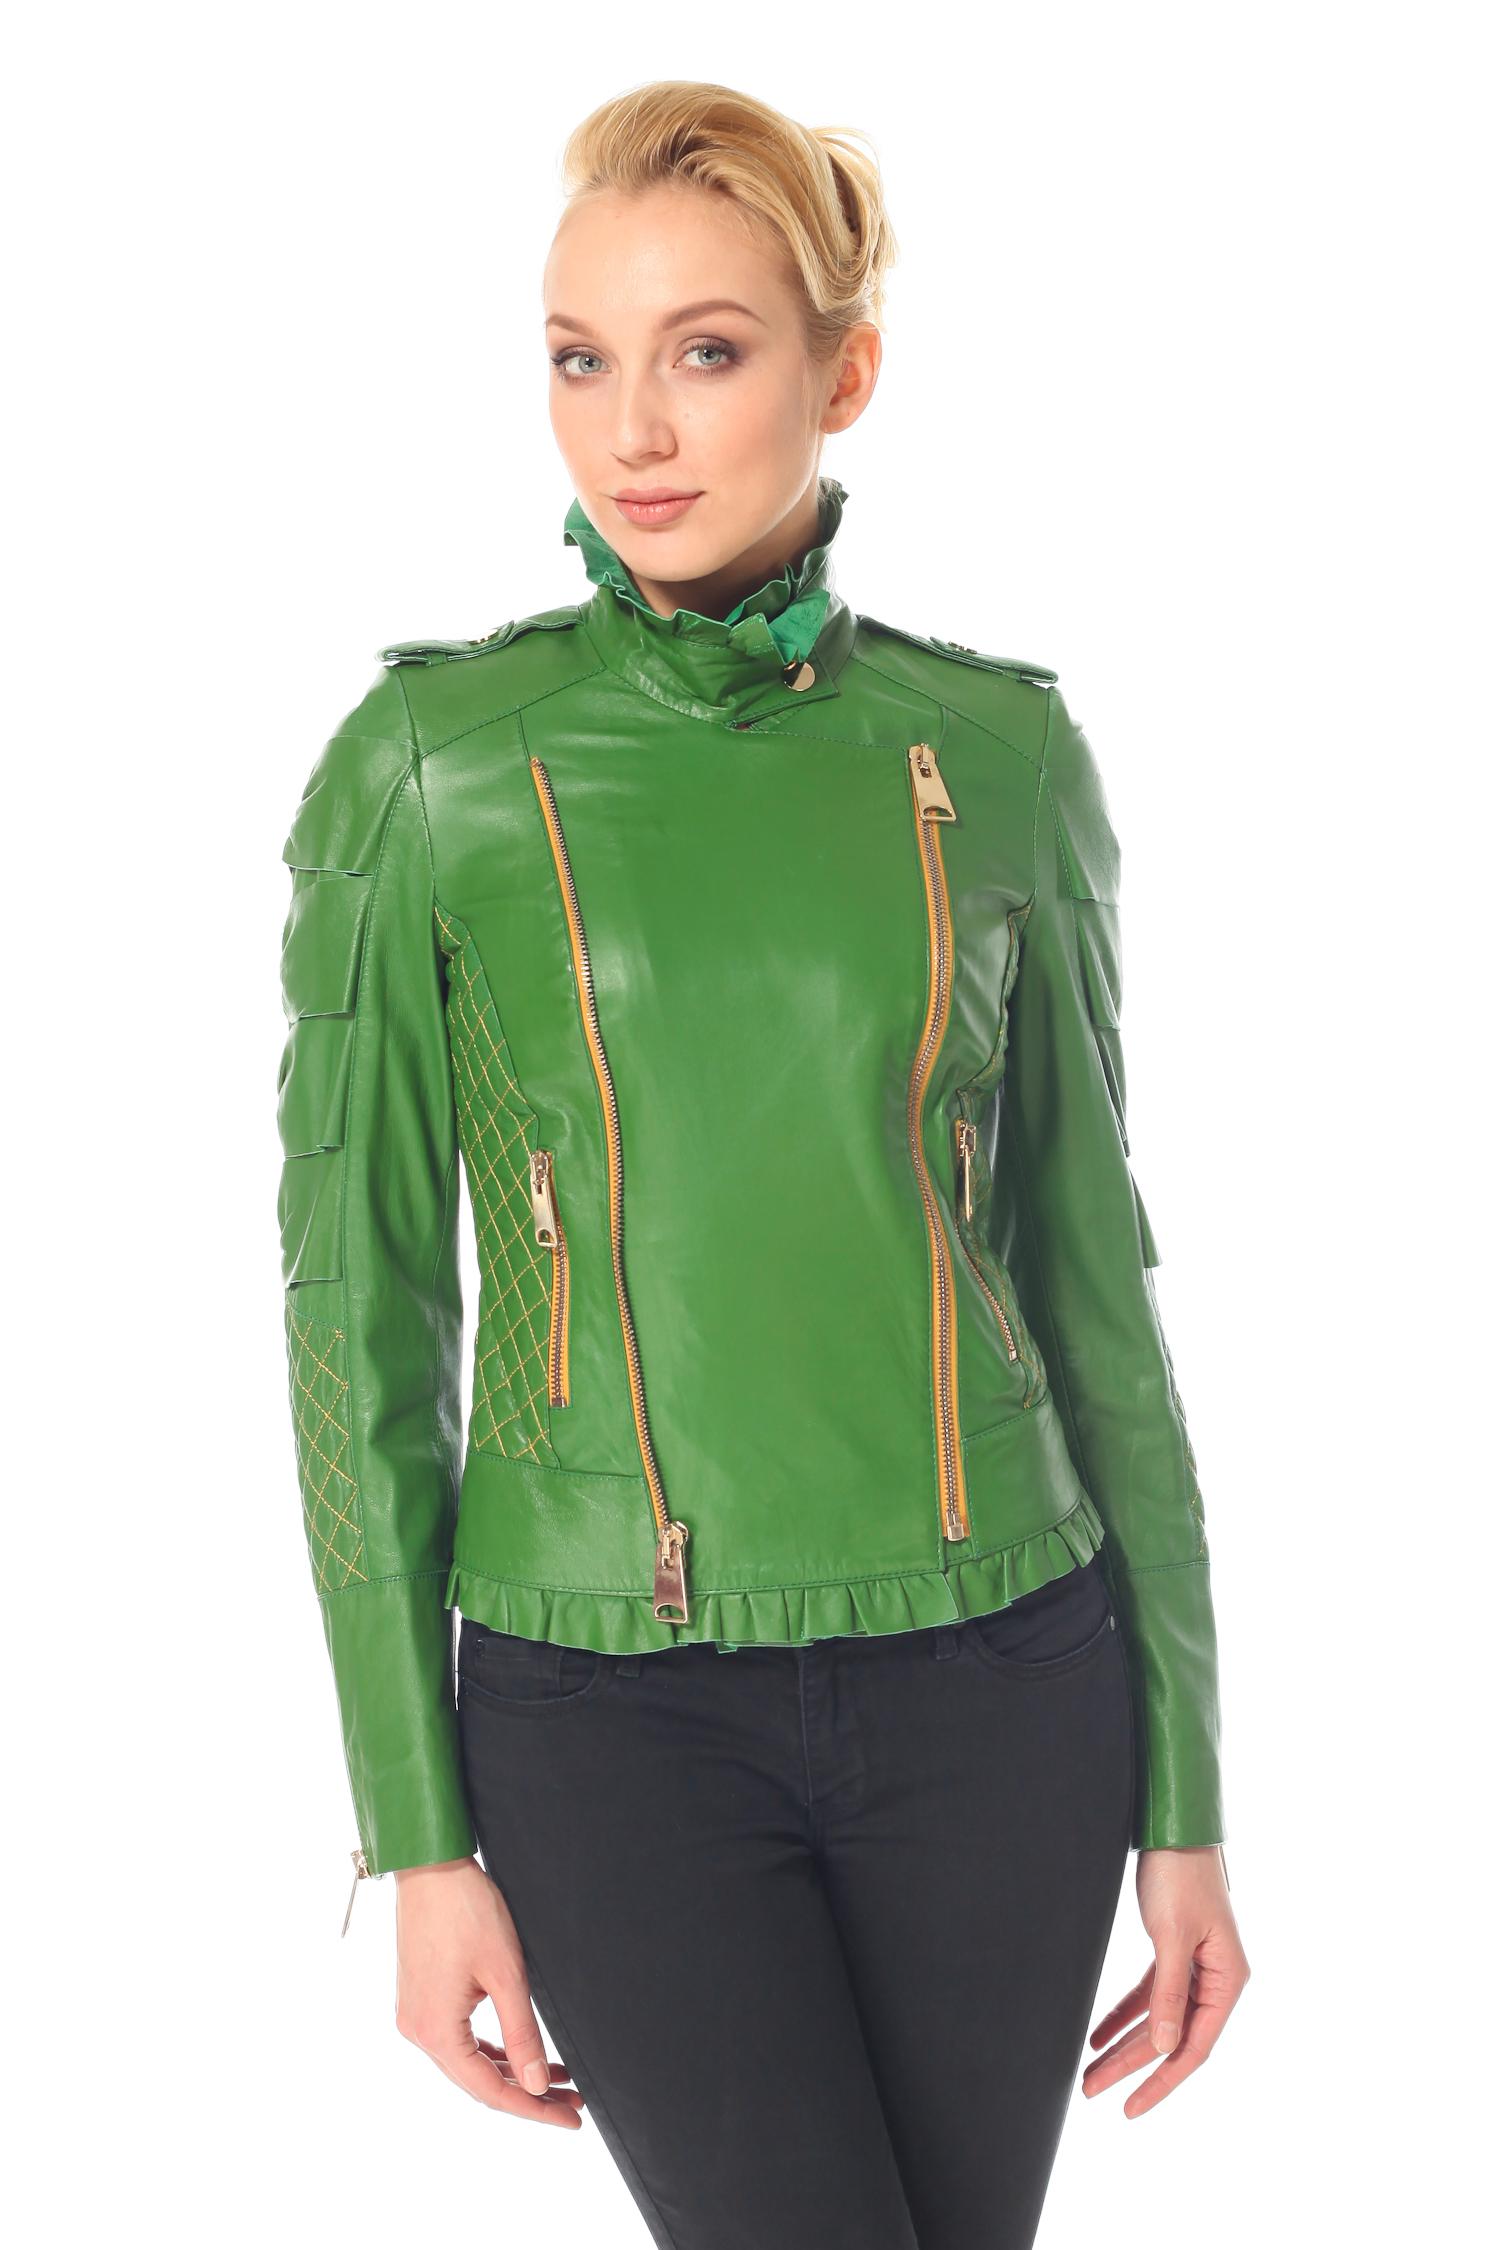 Женская кожаная куртка из натуральной кожи с воротником, без отделки<br><br>Воротник: Стойка<br>Длина см: 60<br>Материал: Натуральная кожа<br>Цвет: Зеленый<br>Пол: Женский